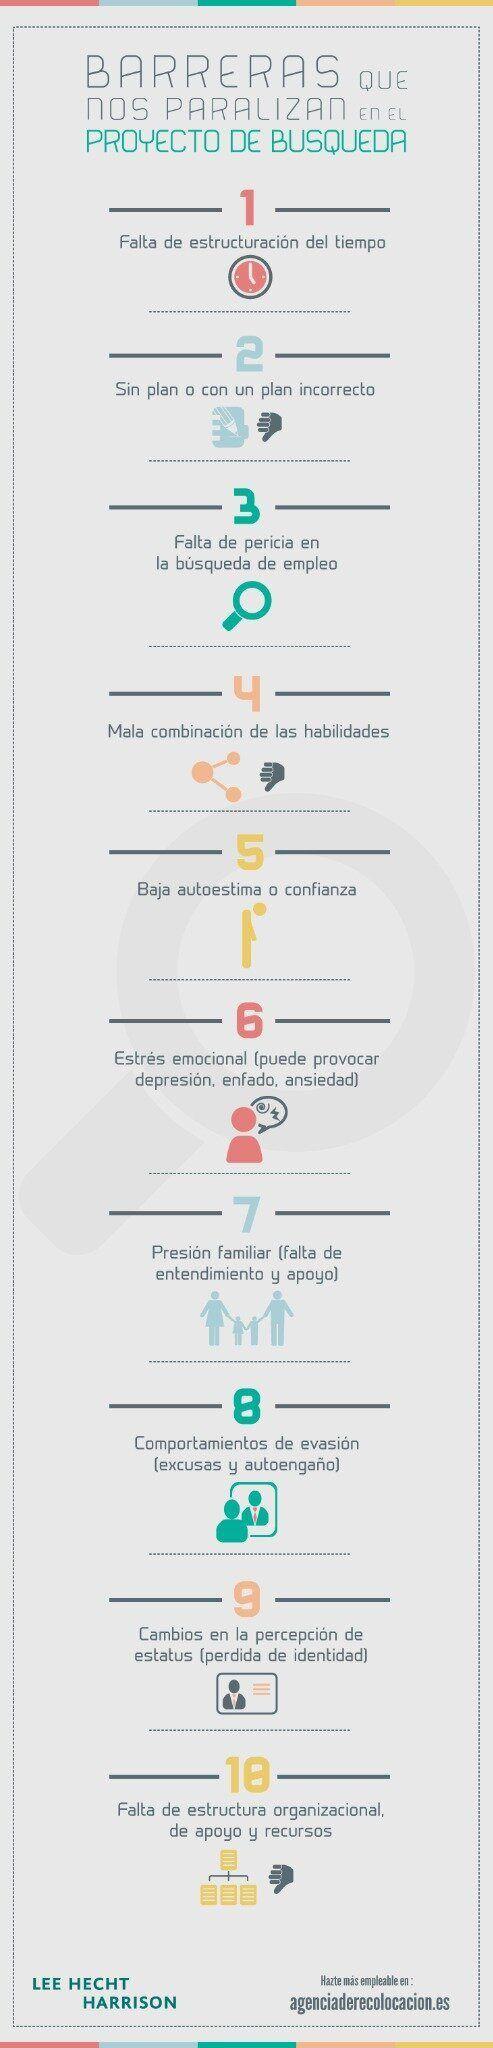 10 barreras en la búsqueda de #empleo Vía: agenciadecolocacion.es